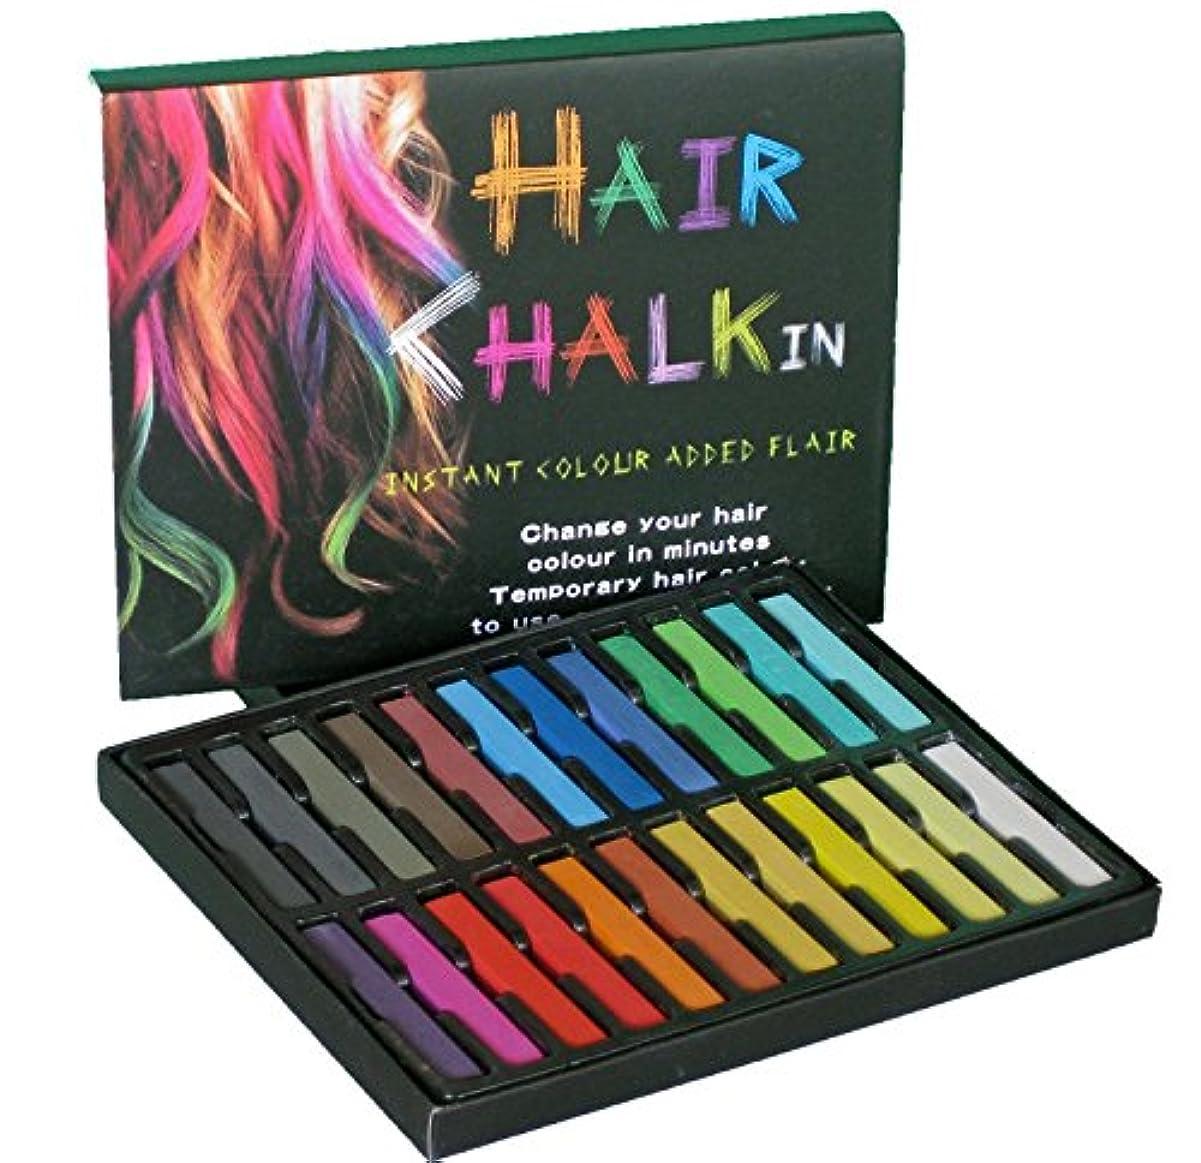 成功結び目影響を受けやすいです【24色】ヘアチョーク ヘアカラーチョーク アメリカで人気!お湯で落ちる簡易髪染 一日だけの髪染め パステルチョーク Hair color chalk